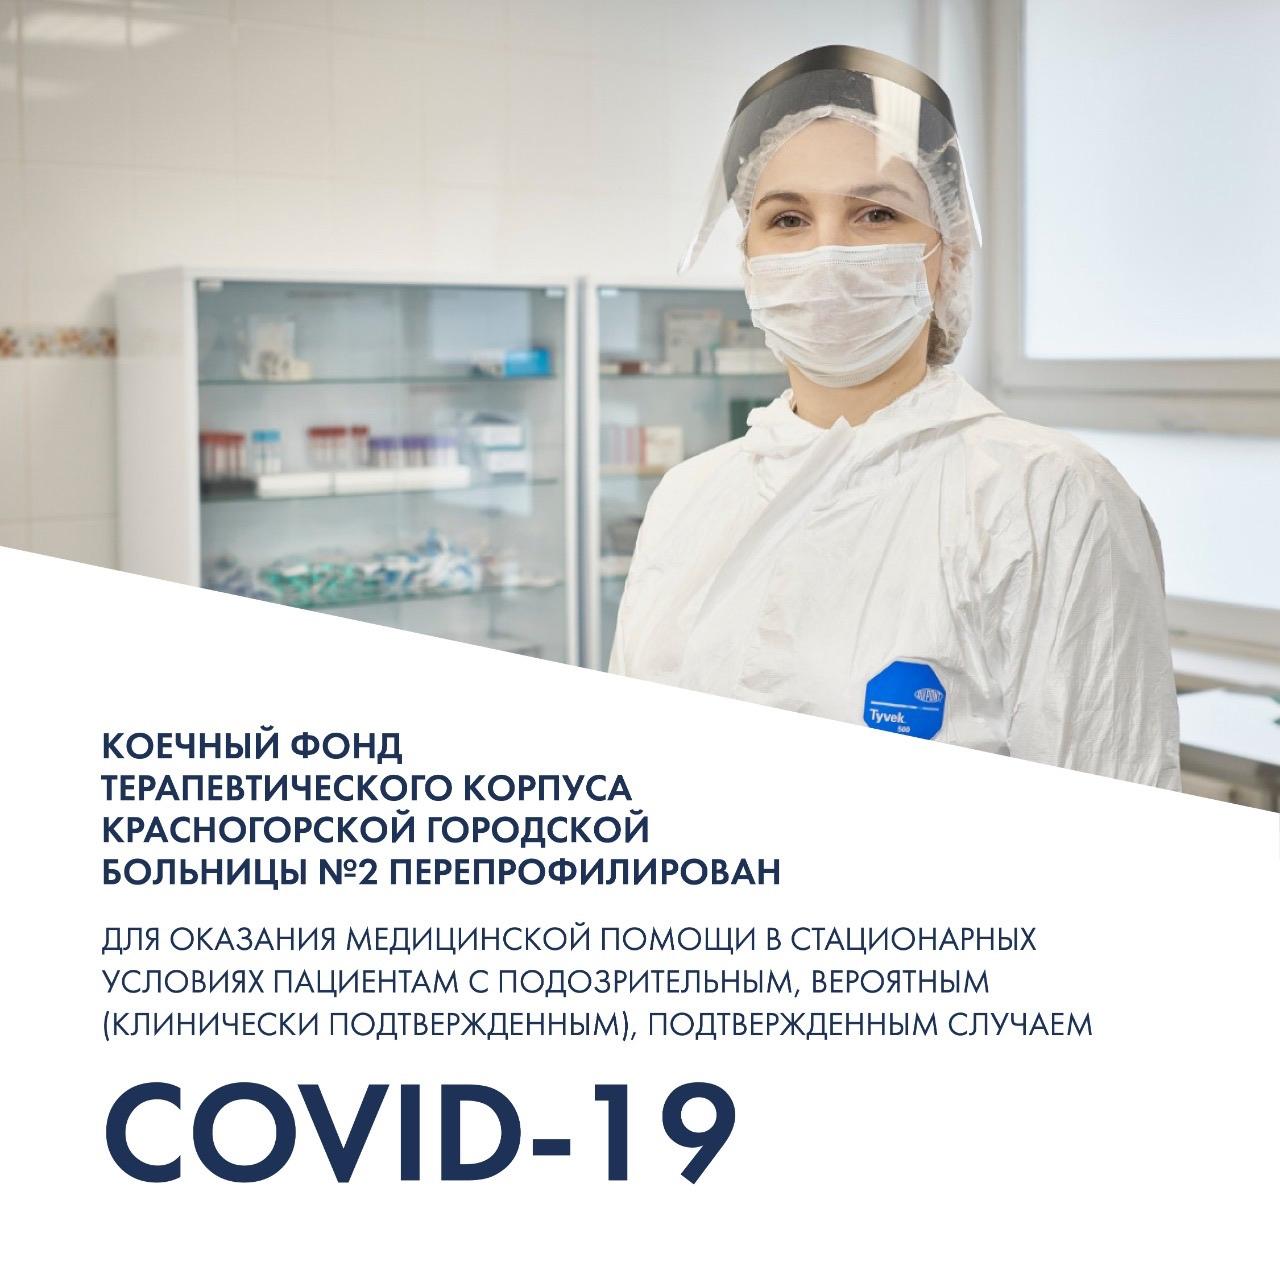 Коечный фонд терапевтического корпуса Красногорской городской больницы №2 перепрофилирован для оказания медицинской помощи в стационарных условиях пациентам с подозрительным, вероятным (клинически подтвержденным), подтвержденным случаем COVID-19